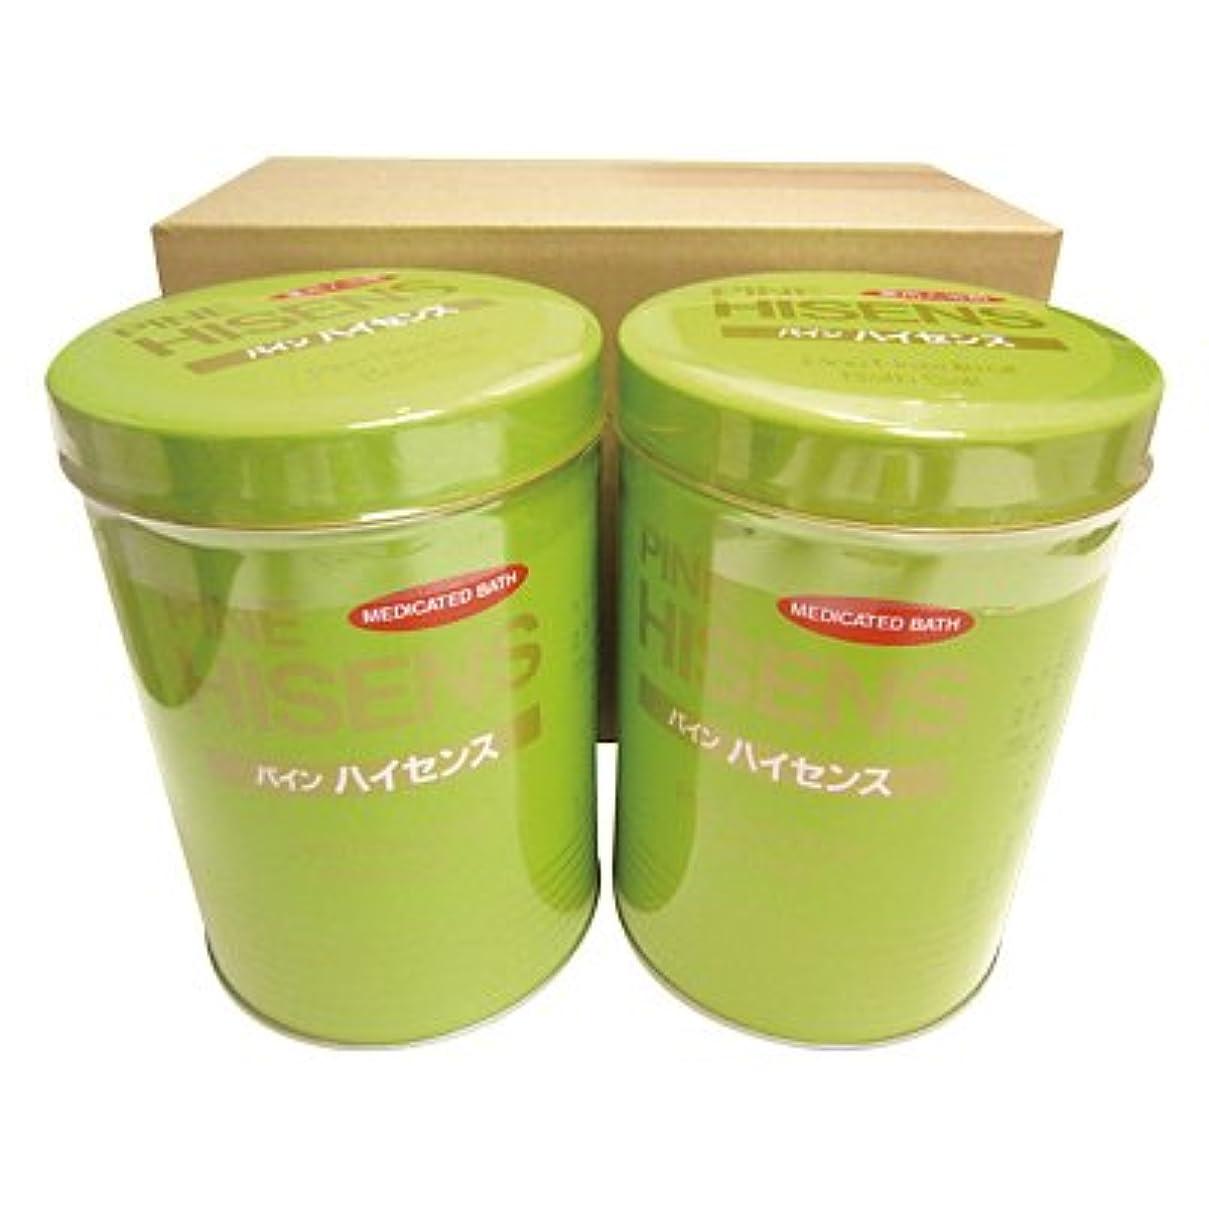 征服者緩やかなラフレシアアルノルディ高陽社 薬用入浴剤 パインハイセンス 2.1kg 2缶セット